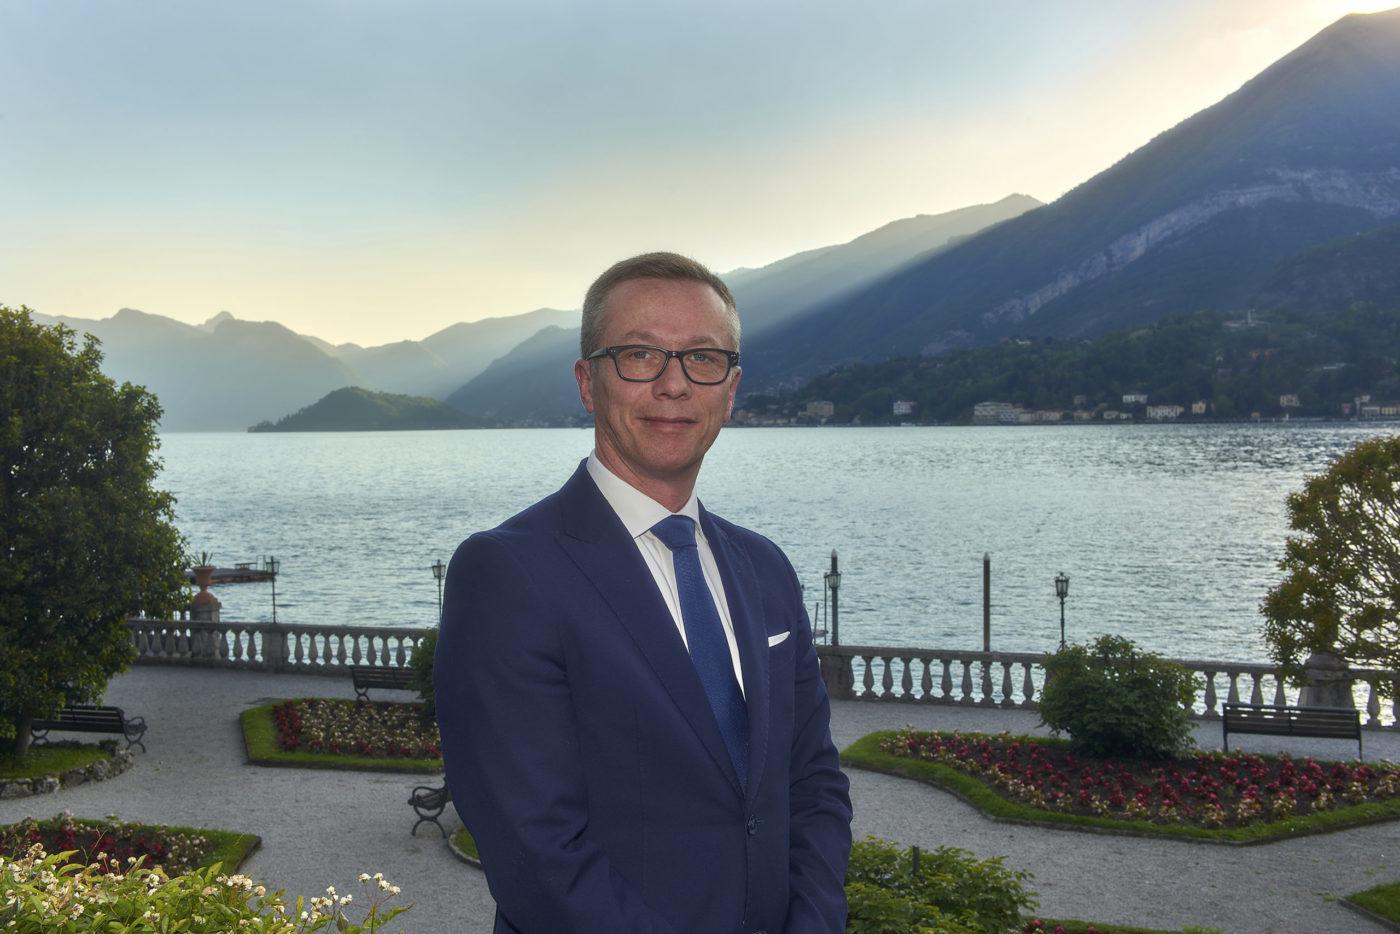 Carlo Pierato, Restaurant Manager del Grand Hotel Villa Serbelloni, Bellagio (CO)